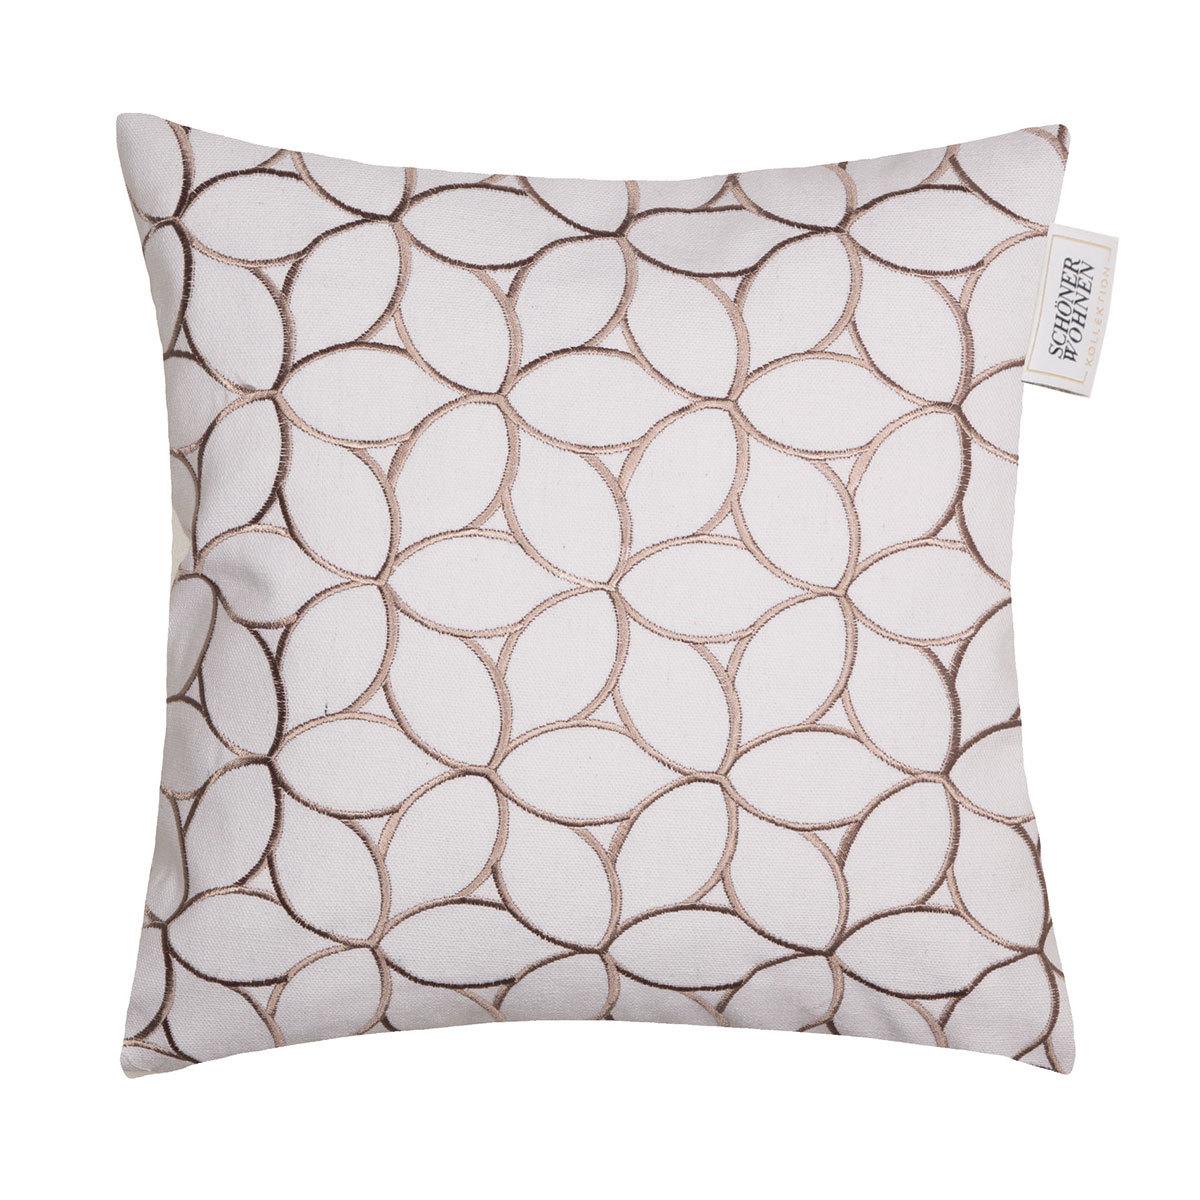 sch ner wohnen kissenh lle flor g nstig online kaufen bei bettwaren shop. Black Bedroom Furniture Sets. Home Design Ideas